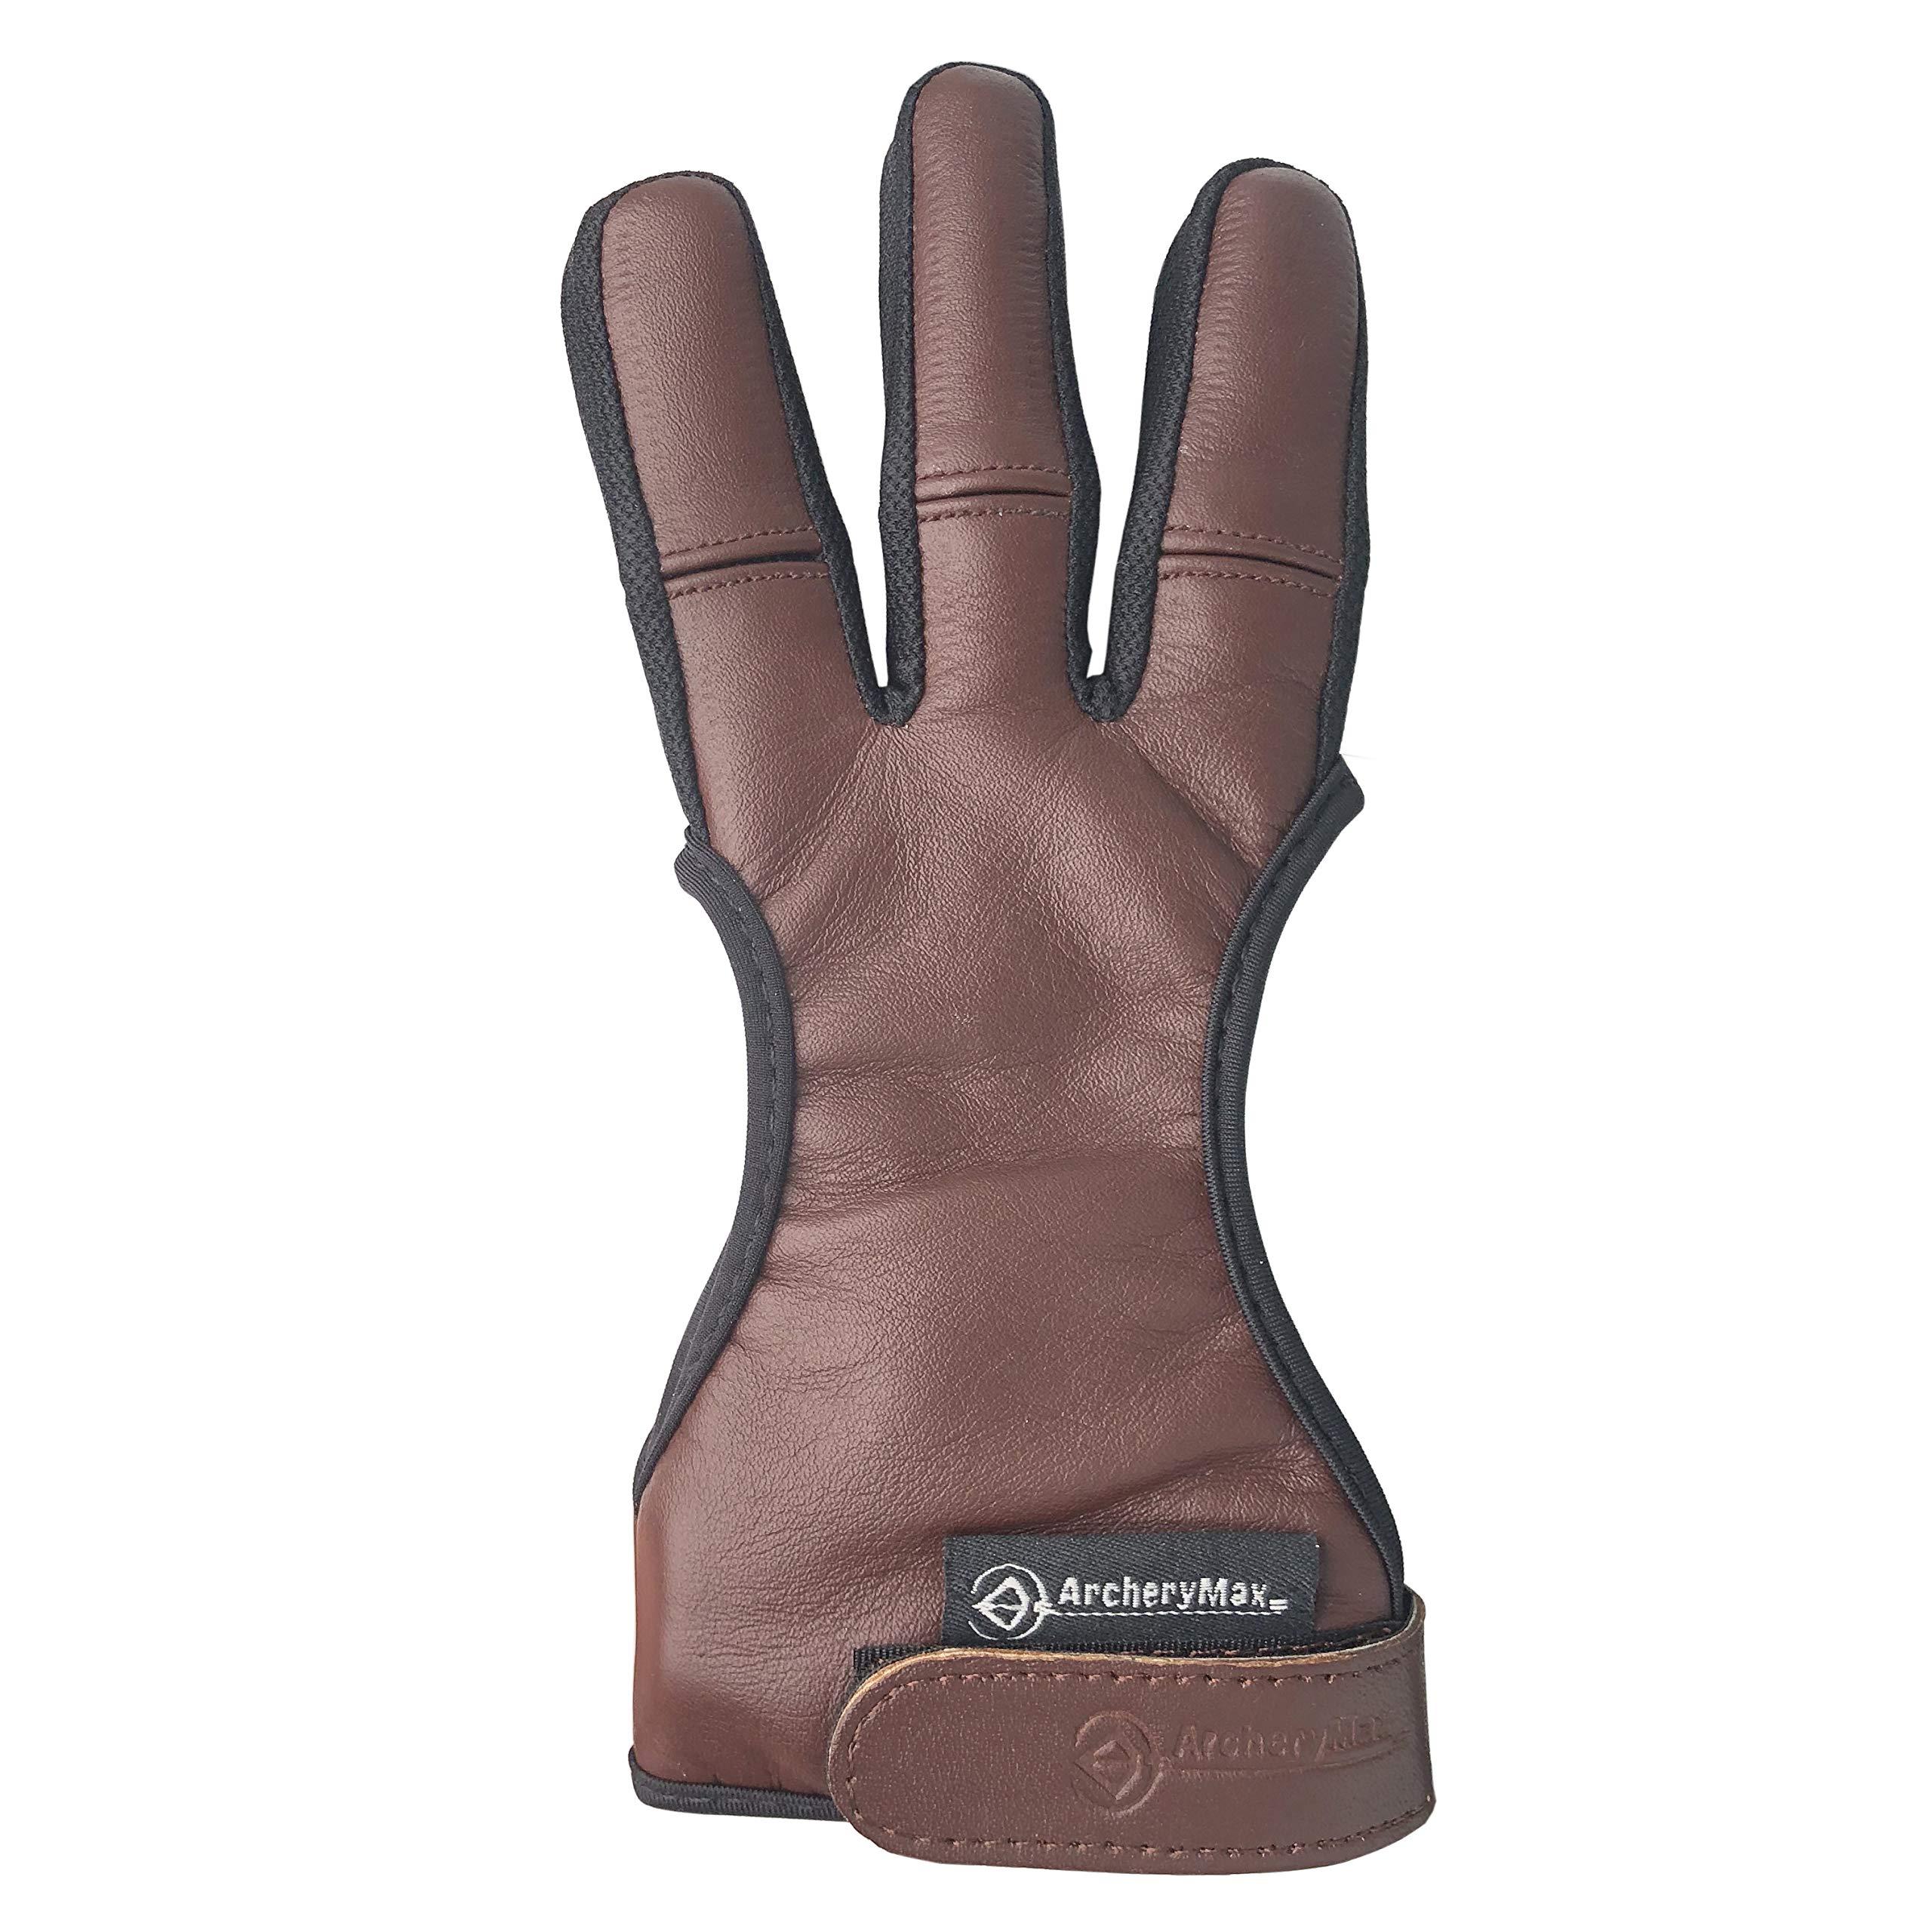 ArcheryMax Handmade Brown Leather Three Finger Archery Gloves (Dark Brown, Medium) by ArcheryMax